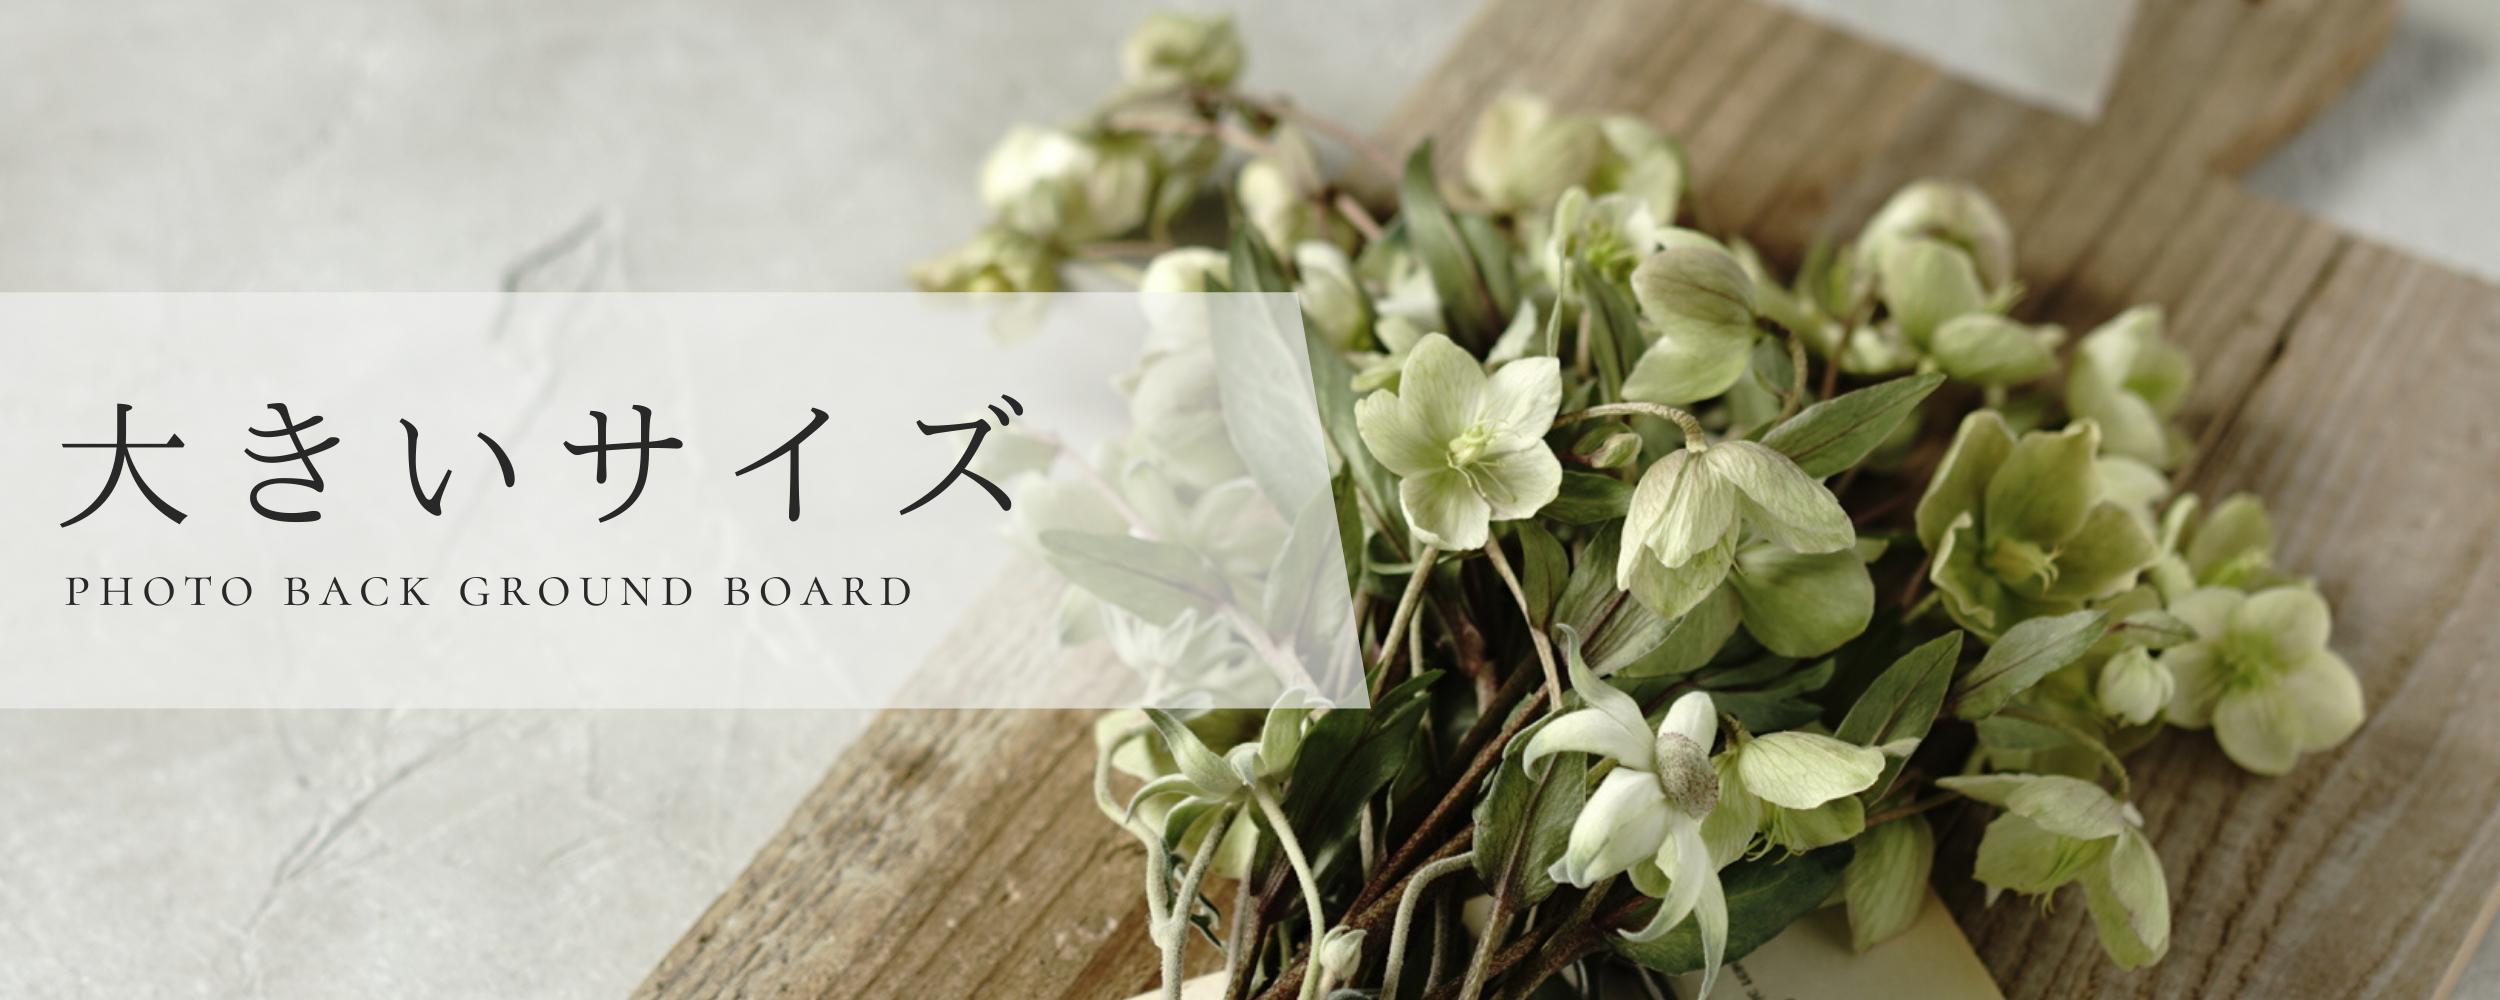 撮影用の板、背景の大きいサイズ通販大阪